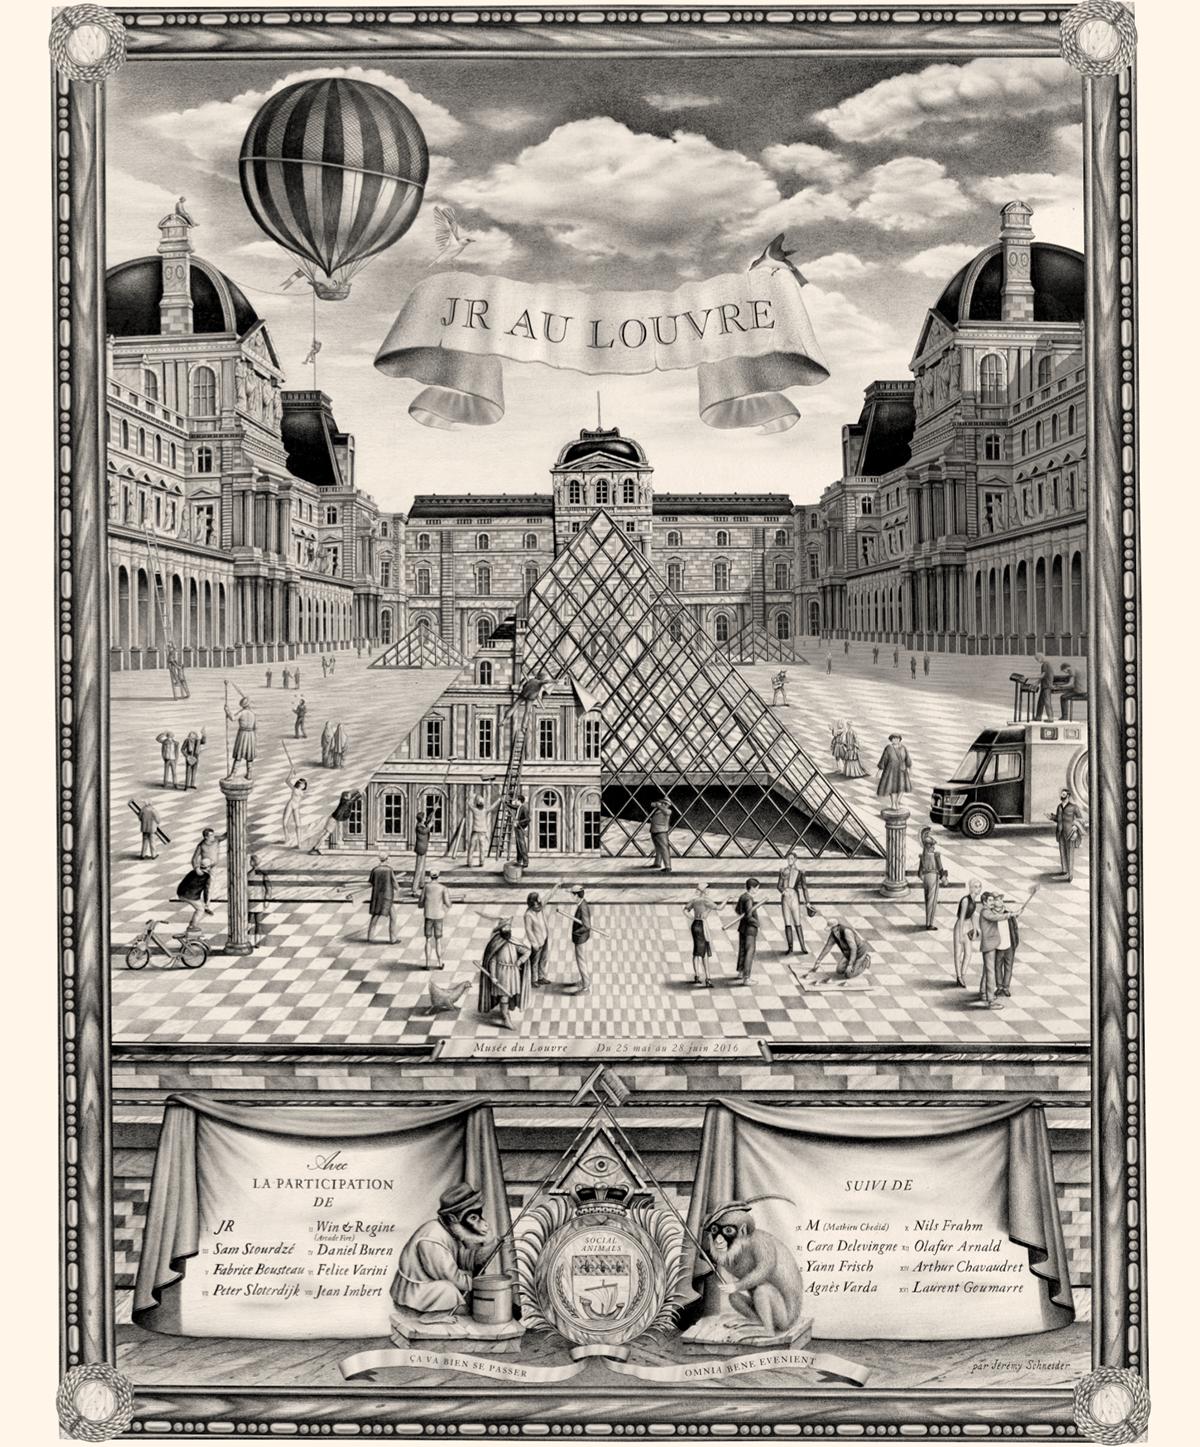 Violaine et Jérémy - illustration JR au Louvre